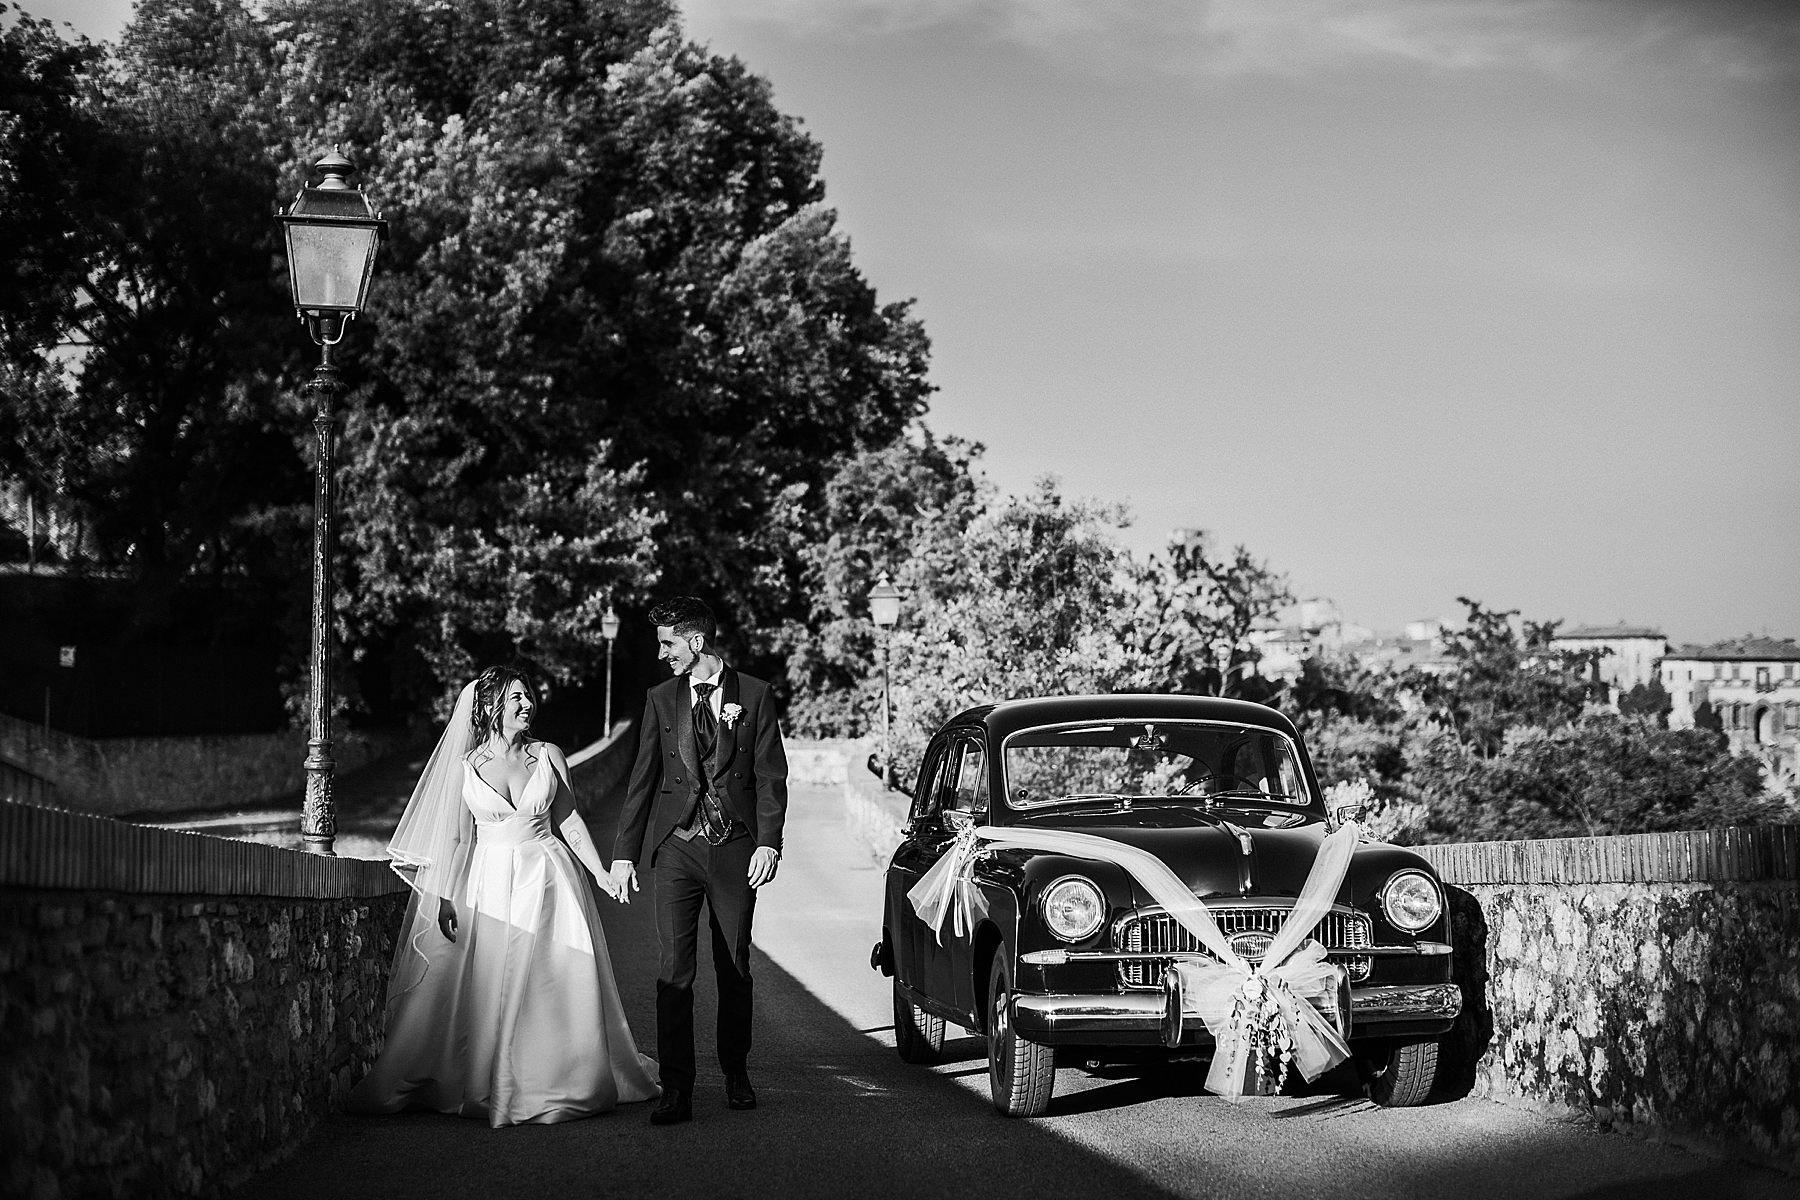 matrimonio tenuta bichi borghesi monteriggioni 3037